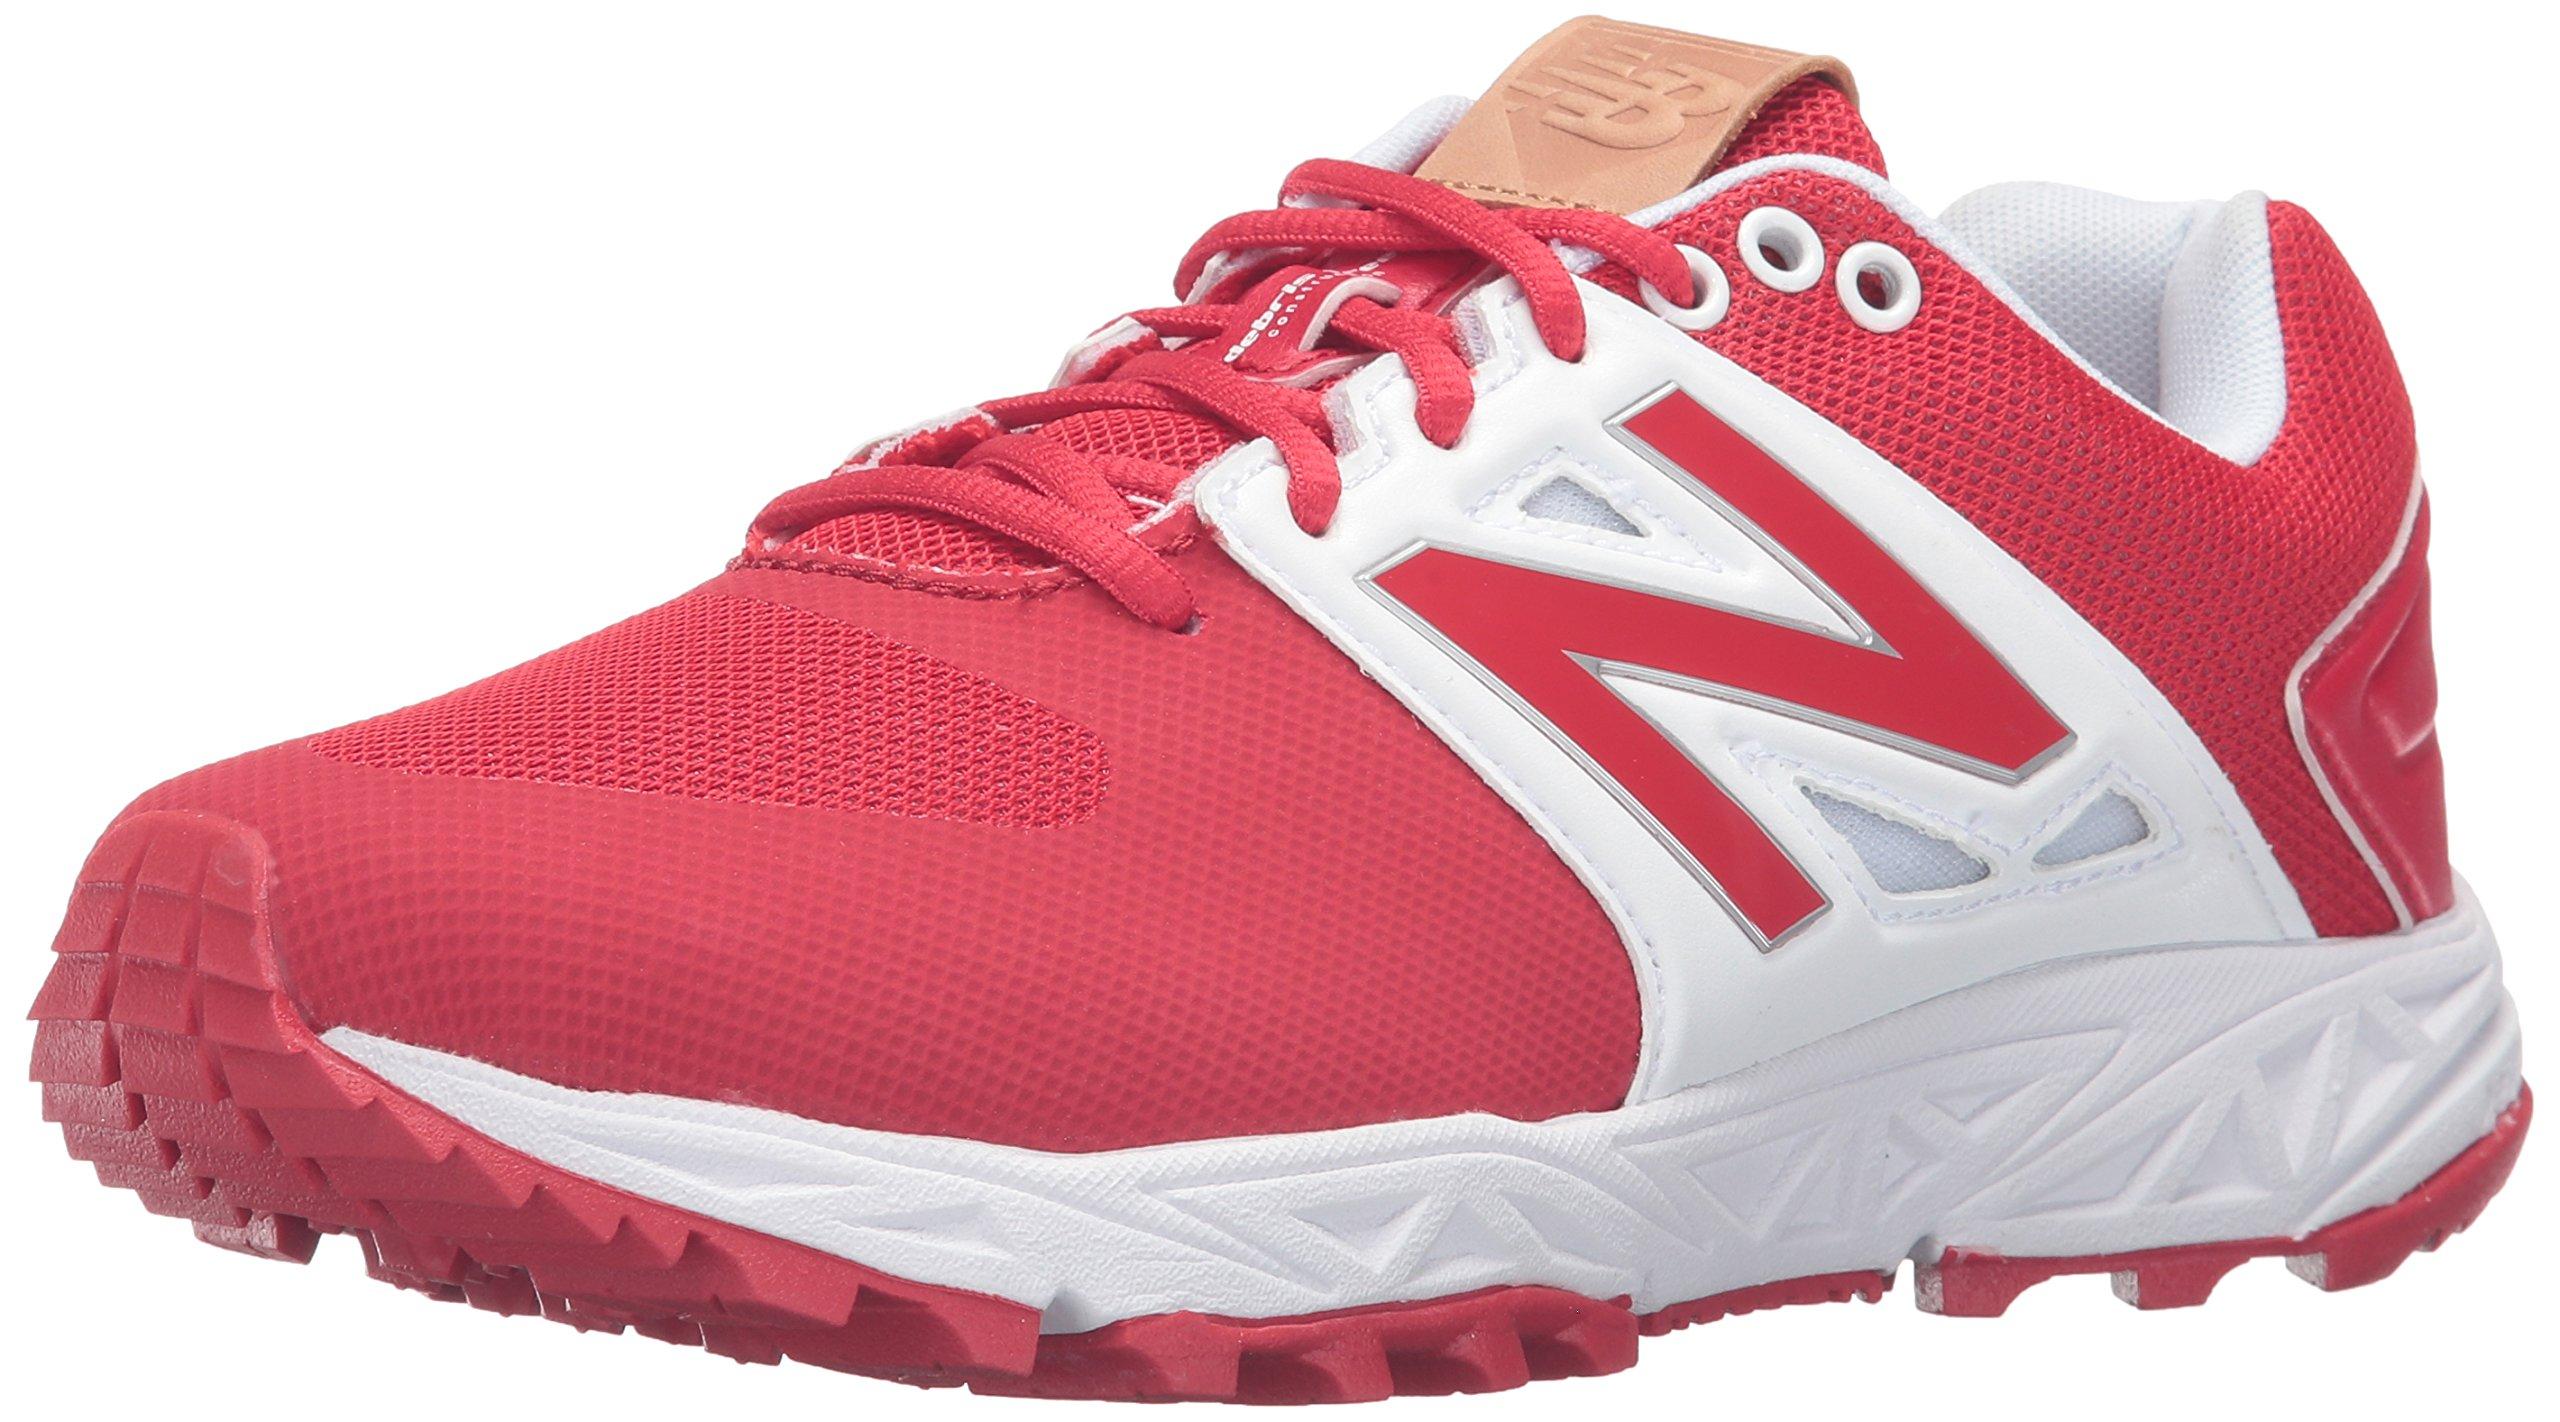 New Balance Men's 3000v3  Baseball Turf Shoes, Red/White - 11.5 D(M) US